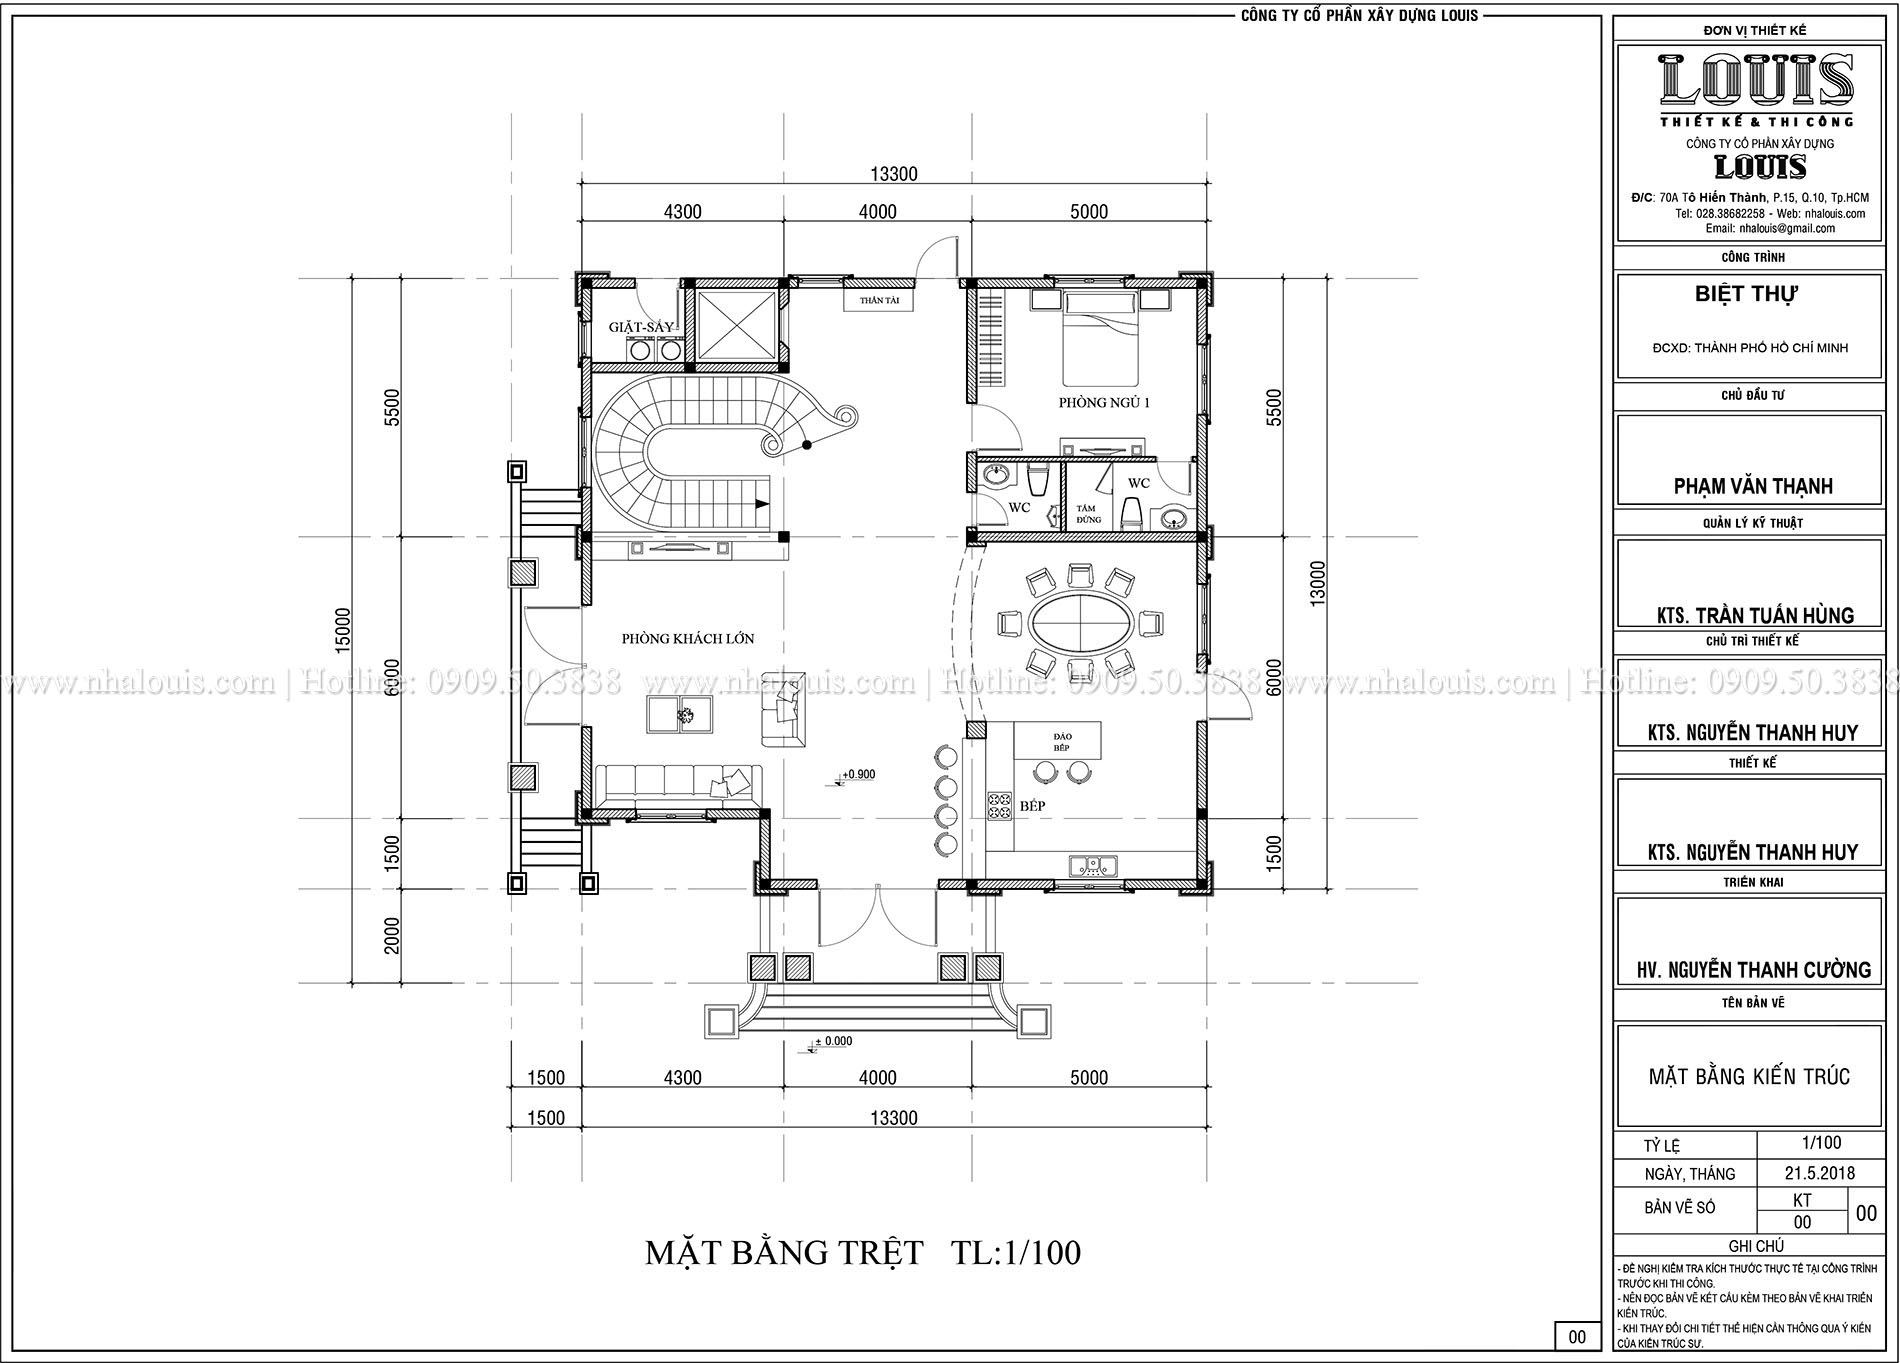 Mặt bằng tầng trệt Biệt thự Châu Âu cổ điển chuẩn sang chảnh tại Nhà Bè - 006